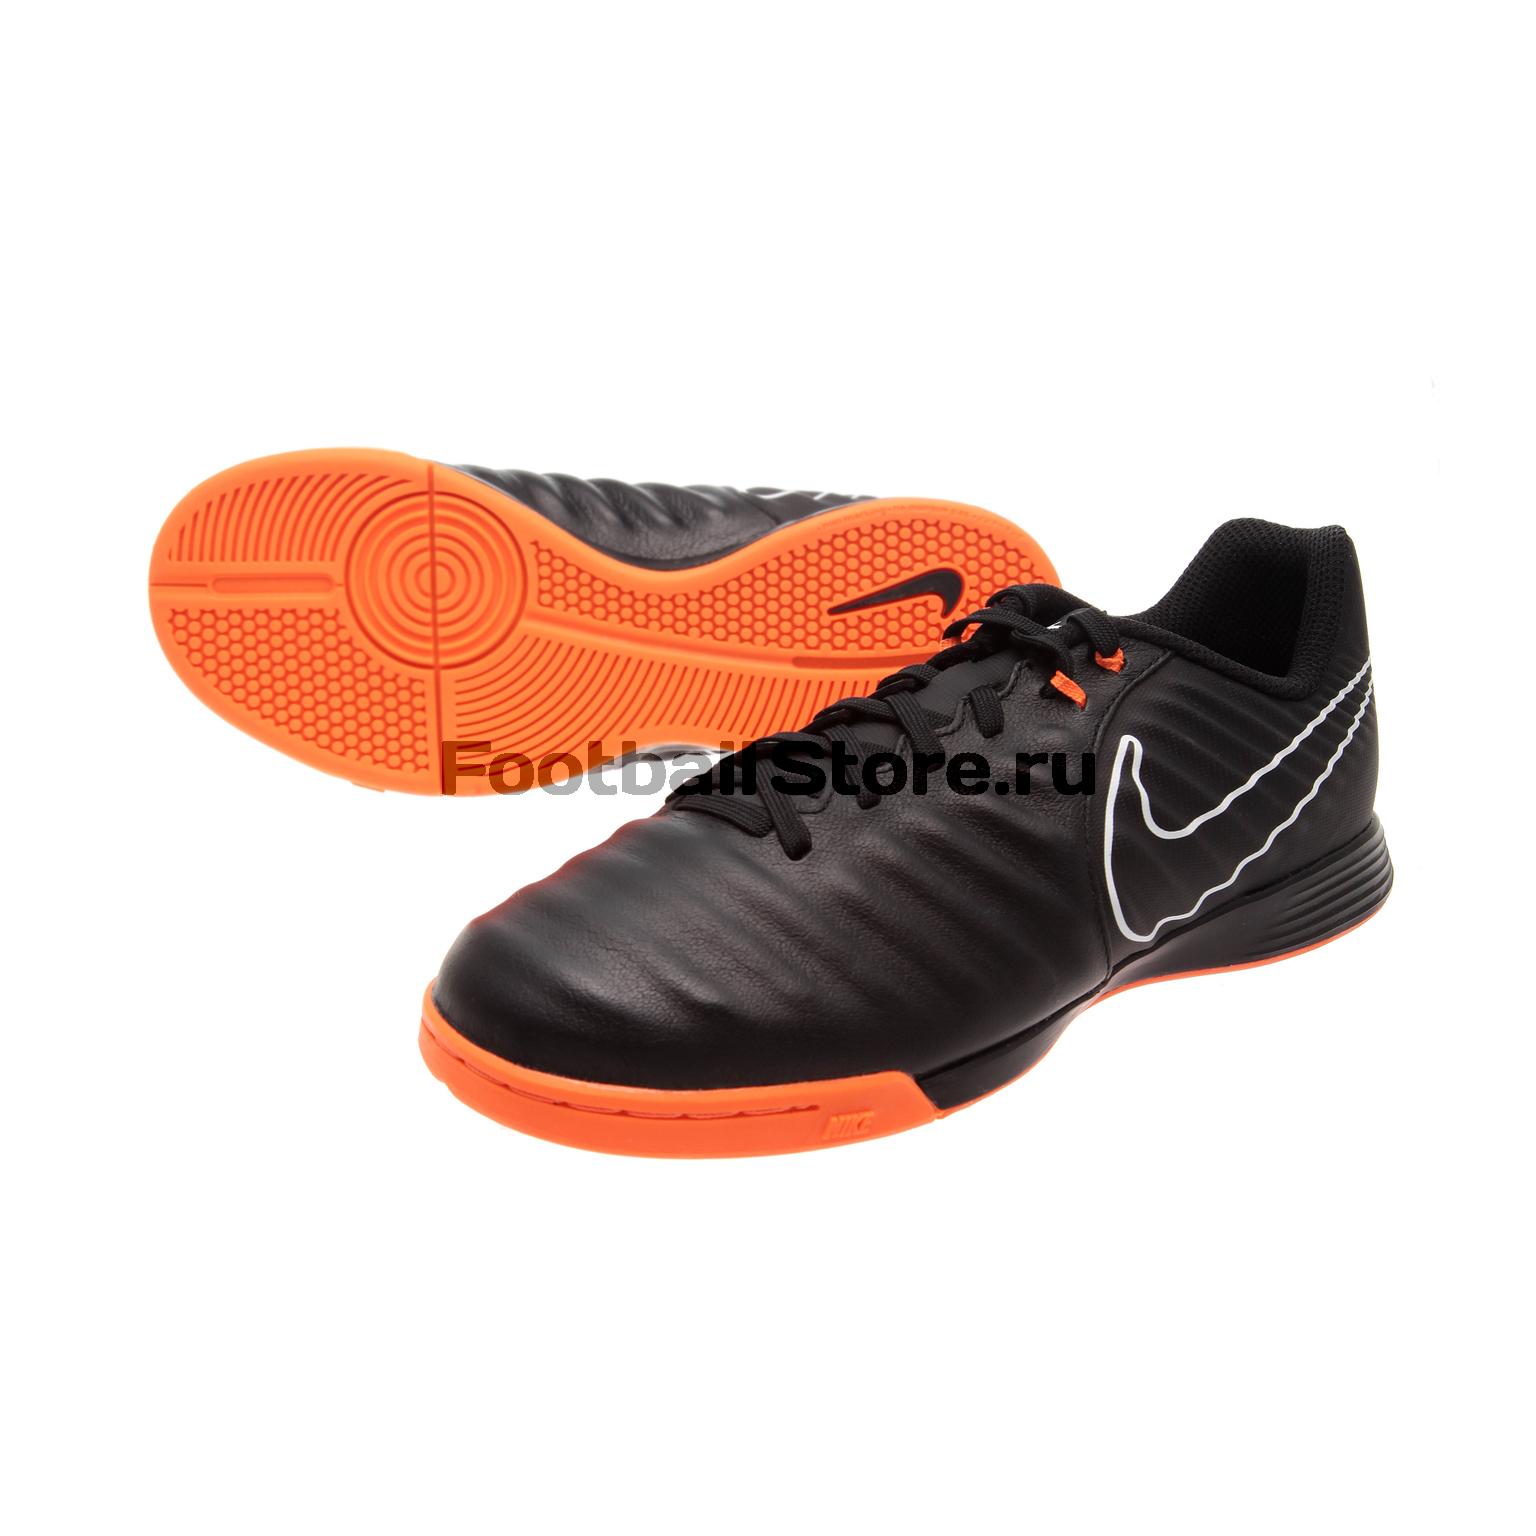 Обувь для зала Nike JR LegendX 7 Academy IC AH7257-080 бутсы футбольные nike obra ii academy df fg ah7313 080 jr детские т сер оранж